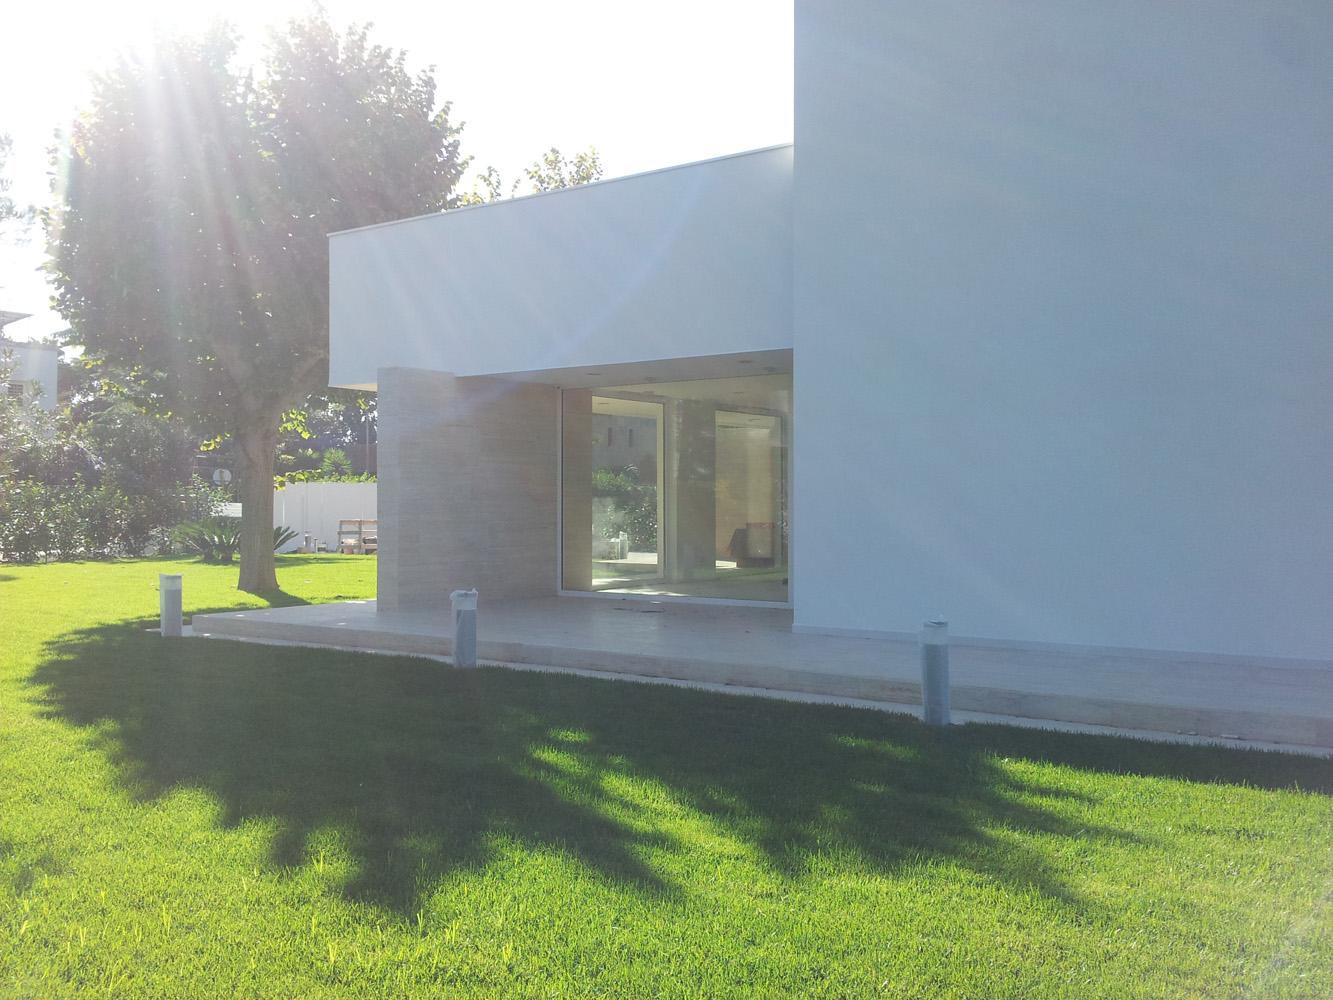 Panoramica vetrate abitazioni a Bari, Brindisi e in Puglia - 2